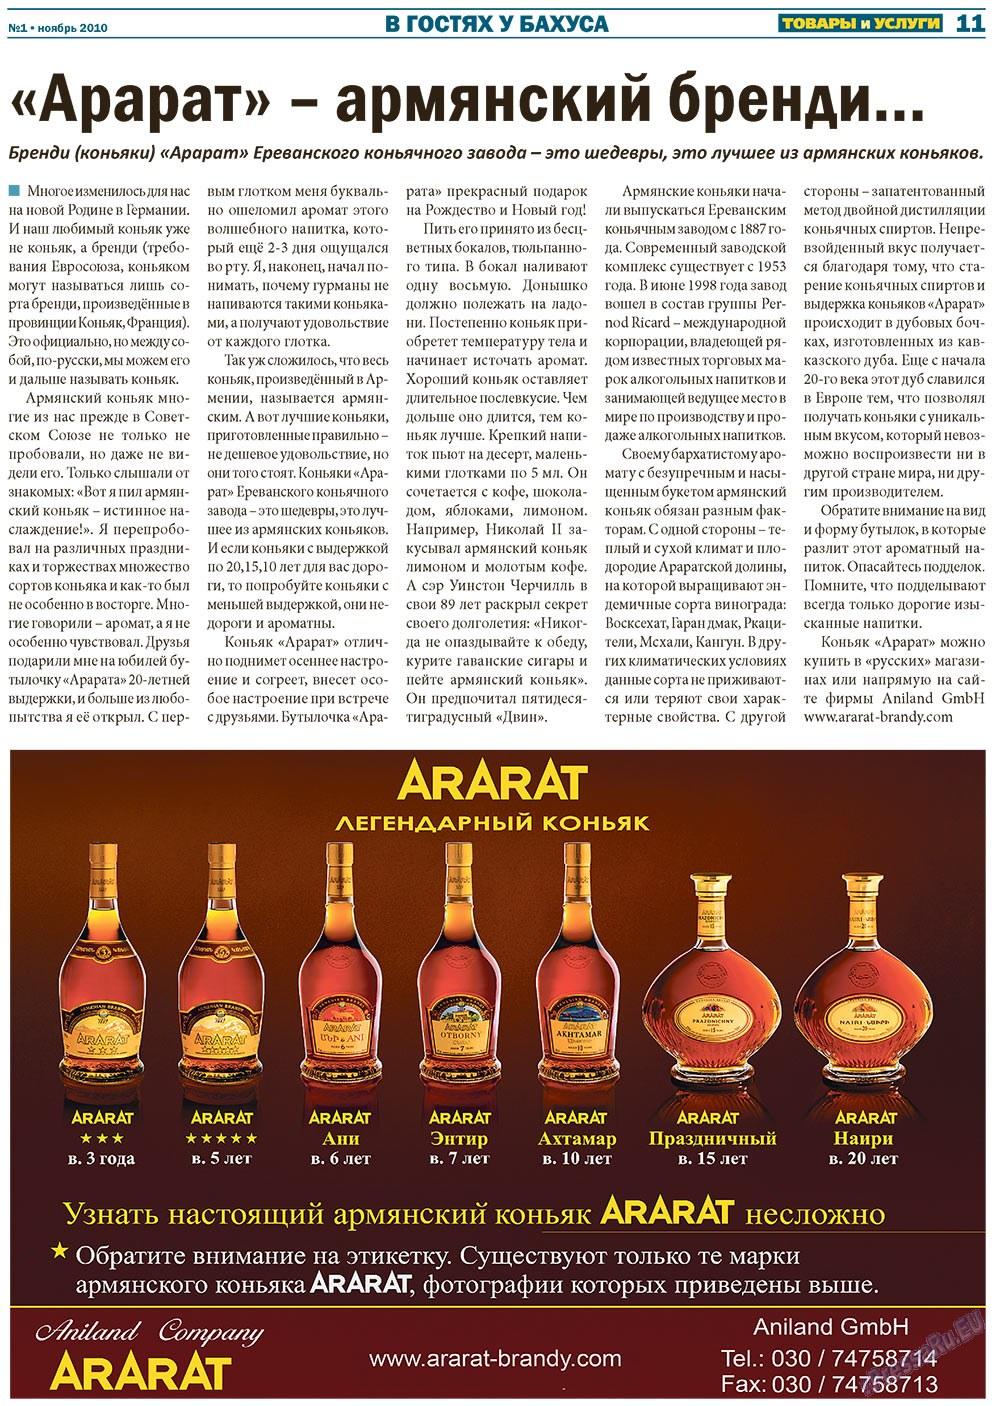 Товары и услуги (газета). 2010 год, номер 1, стр. 11